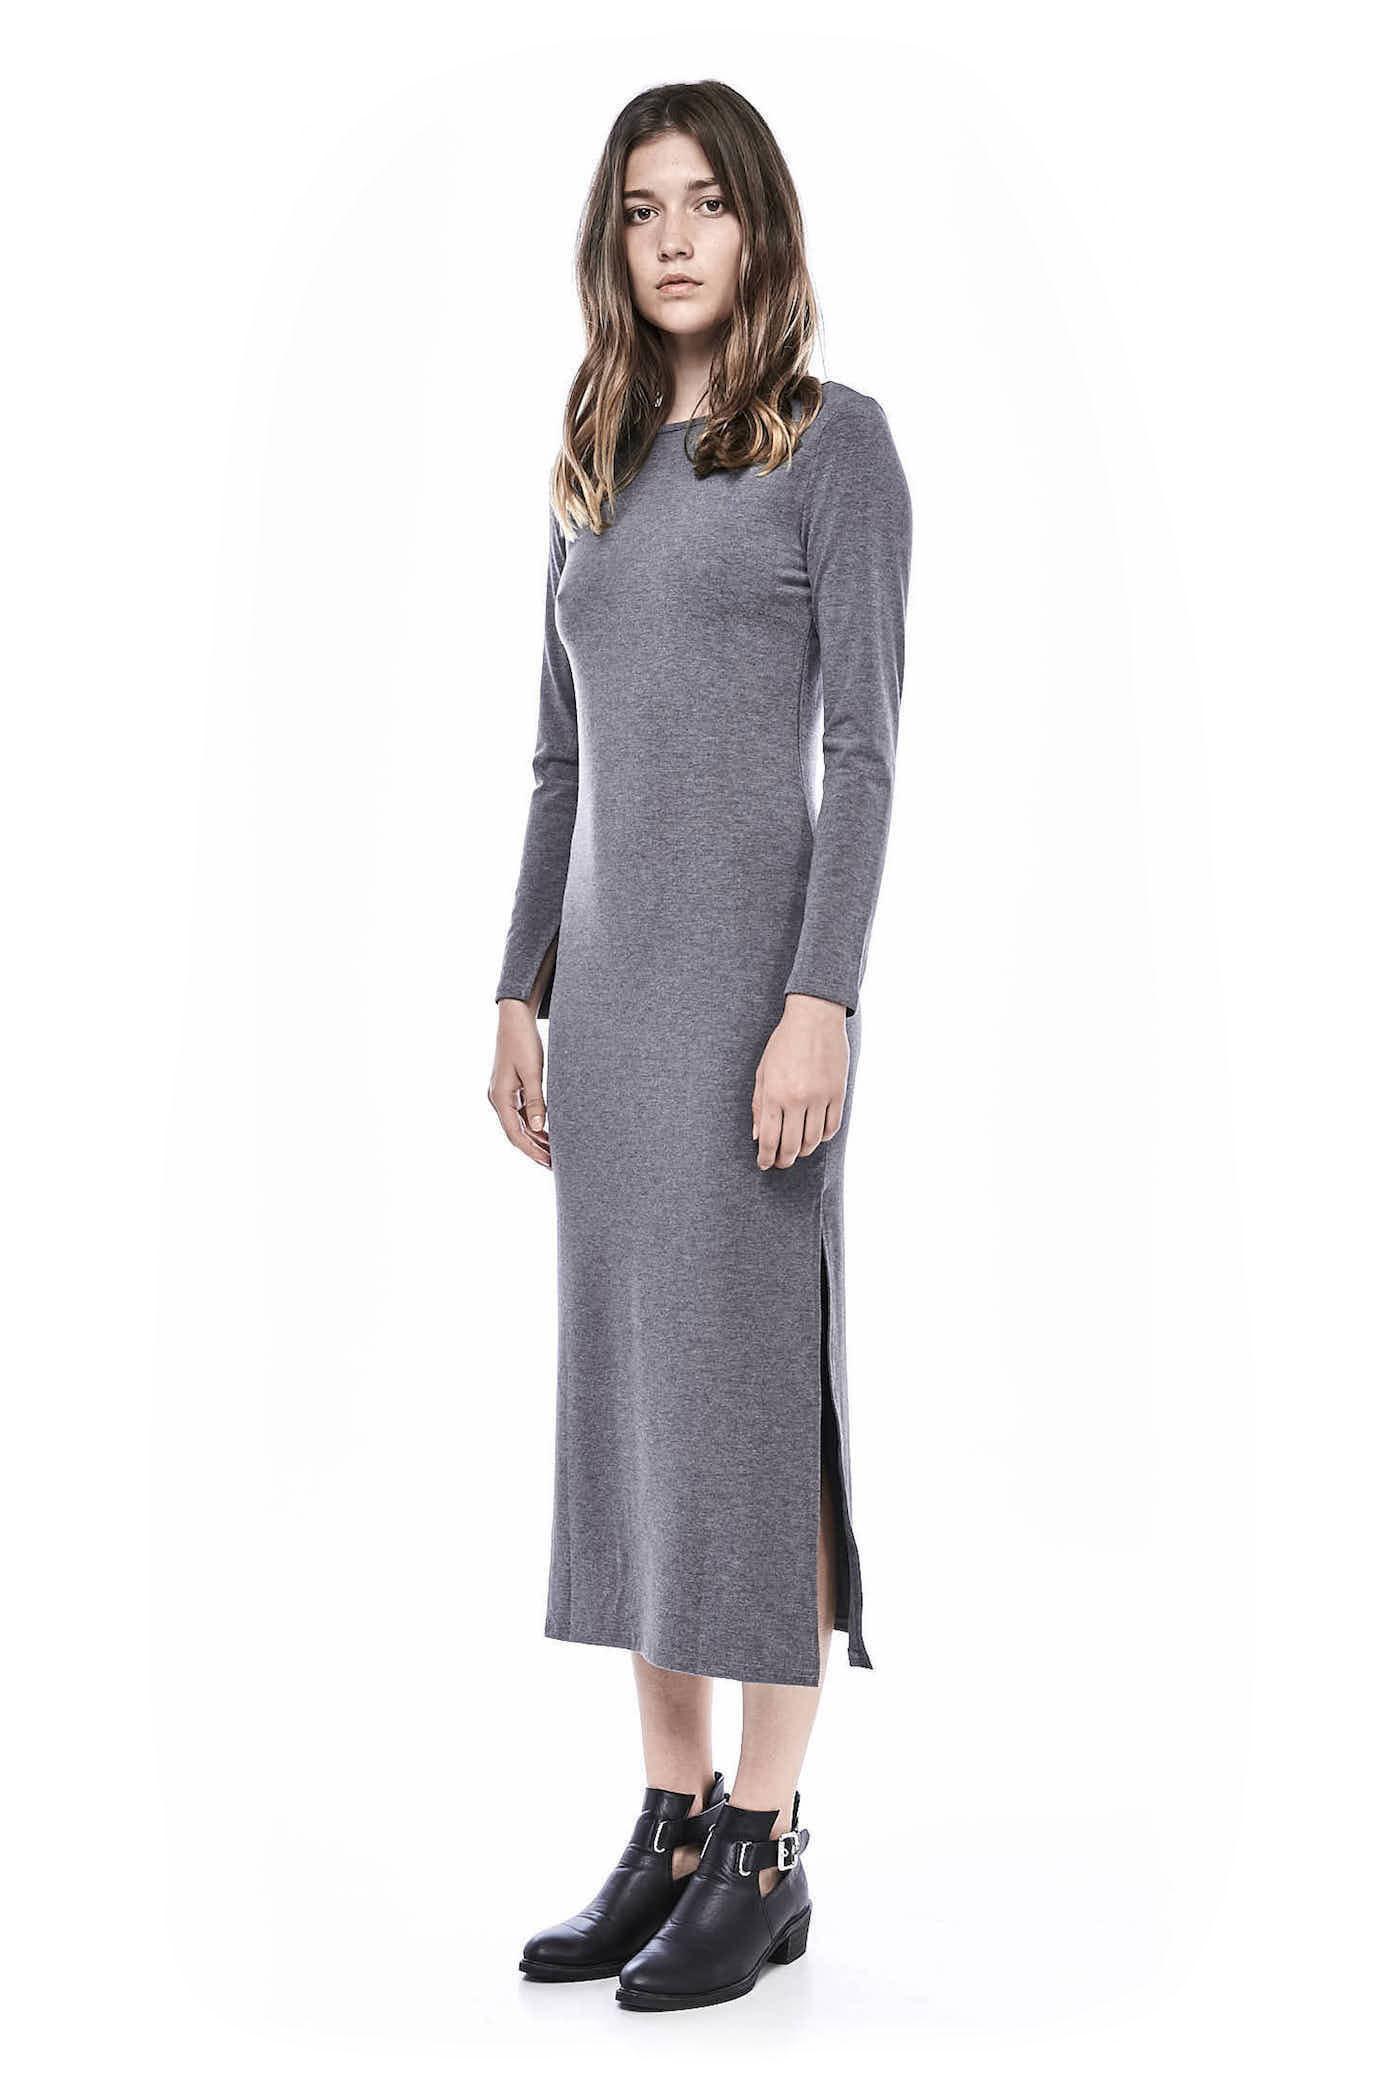 Tiffanie Long-sleeve Jersey Dress